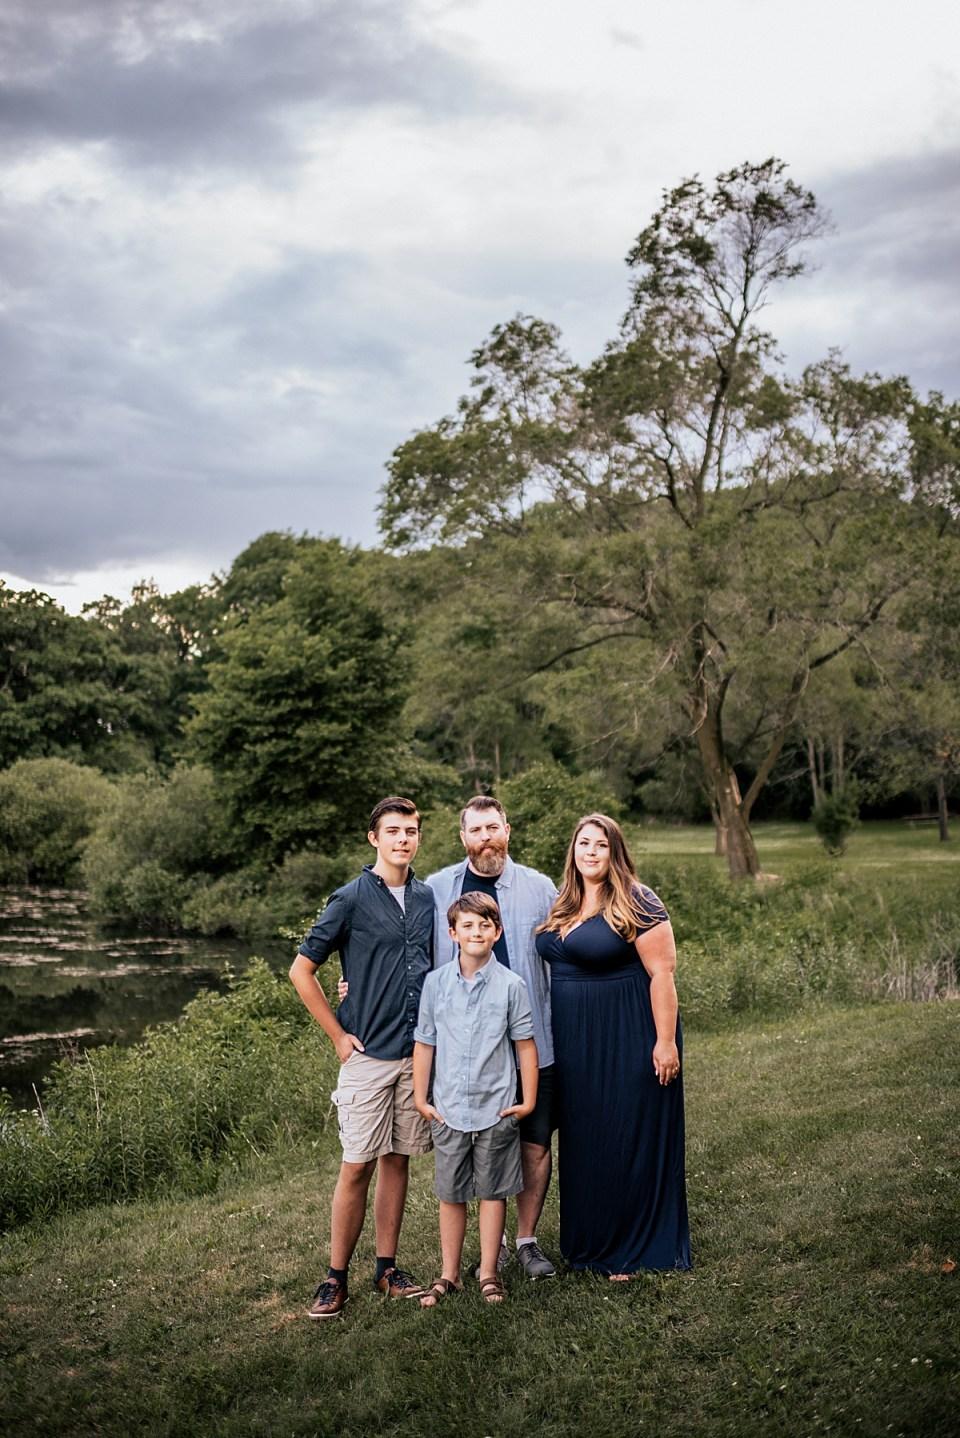 elkhorn family photographer price park